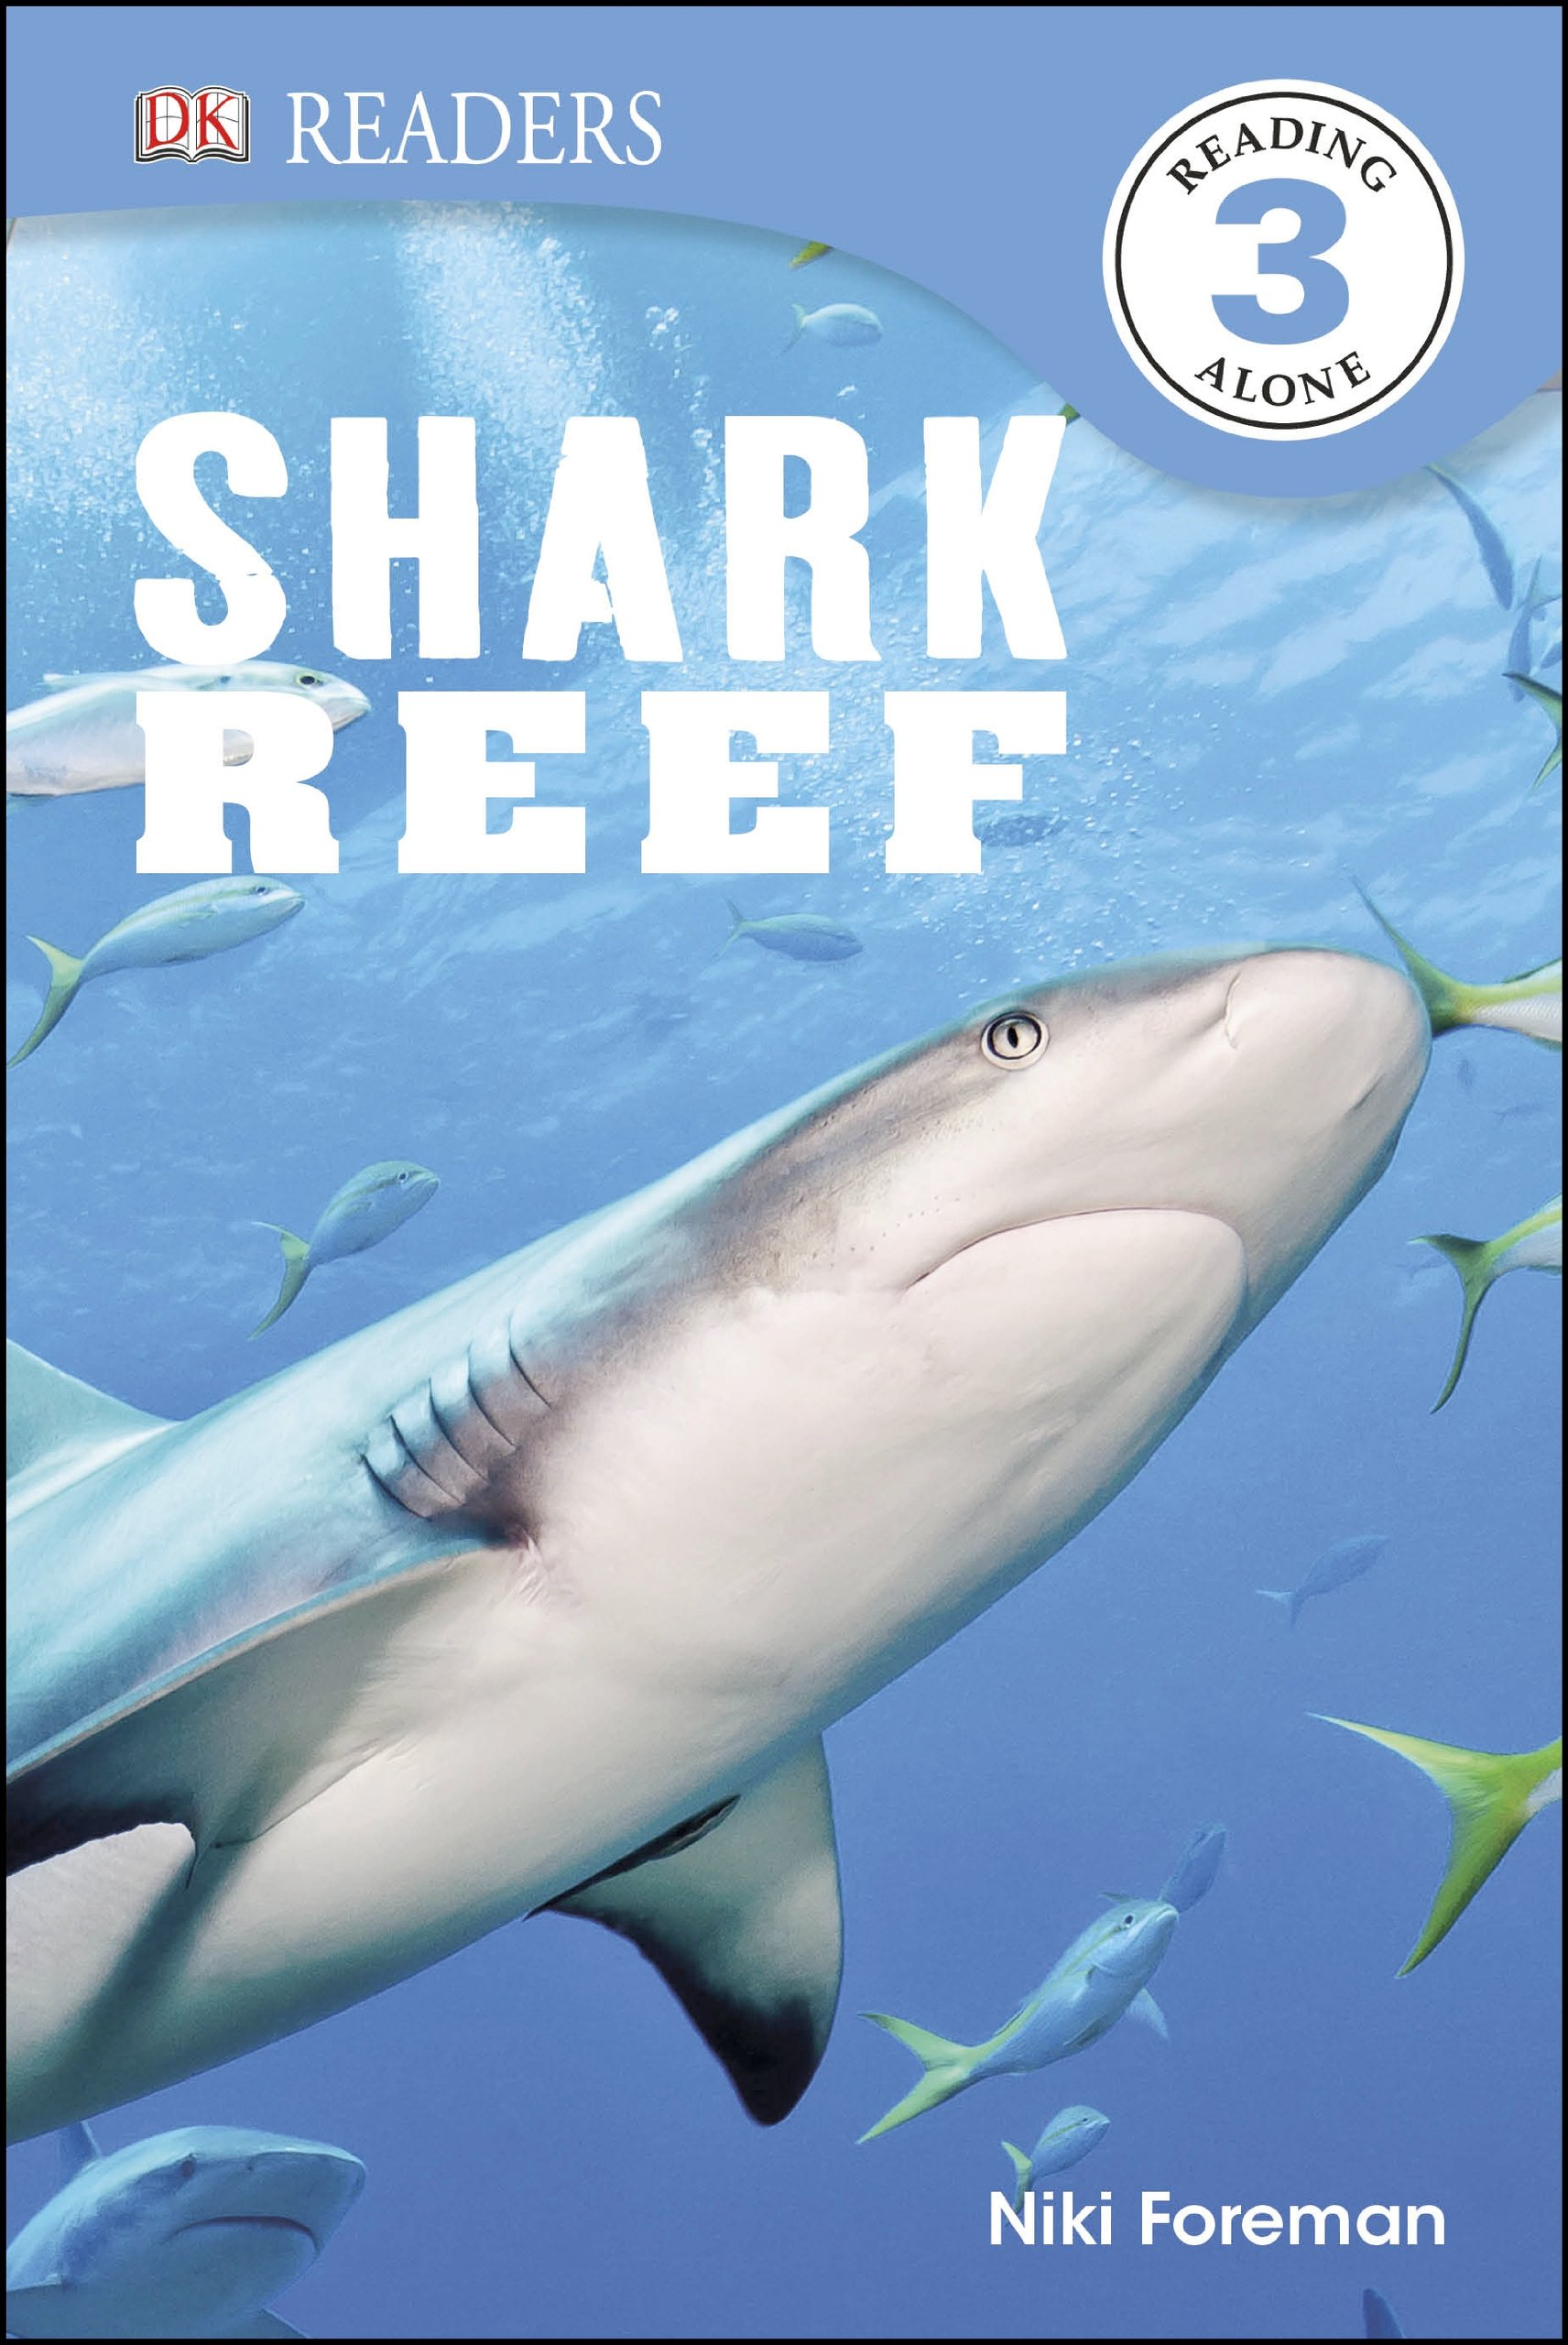 Read Online DK Readers L3: Shark Reef pdf epub